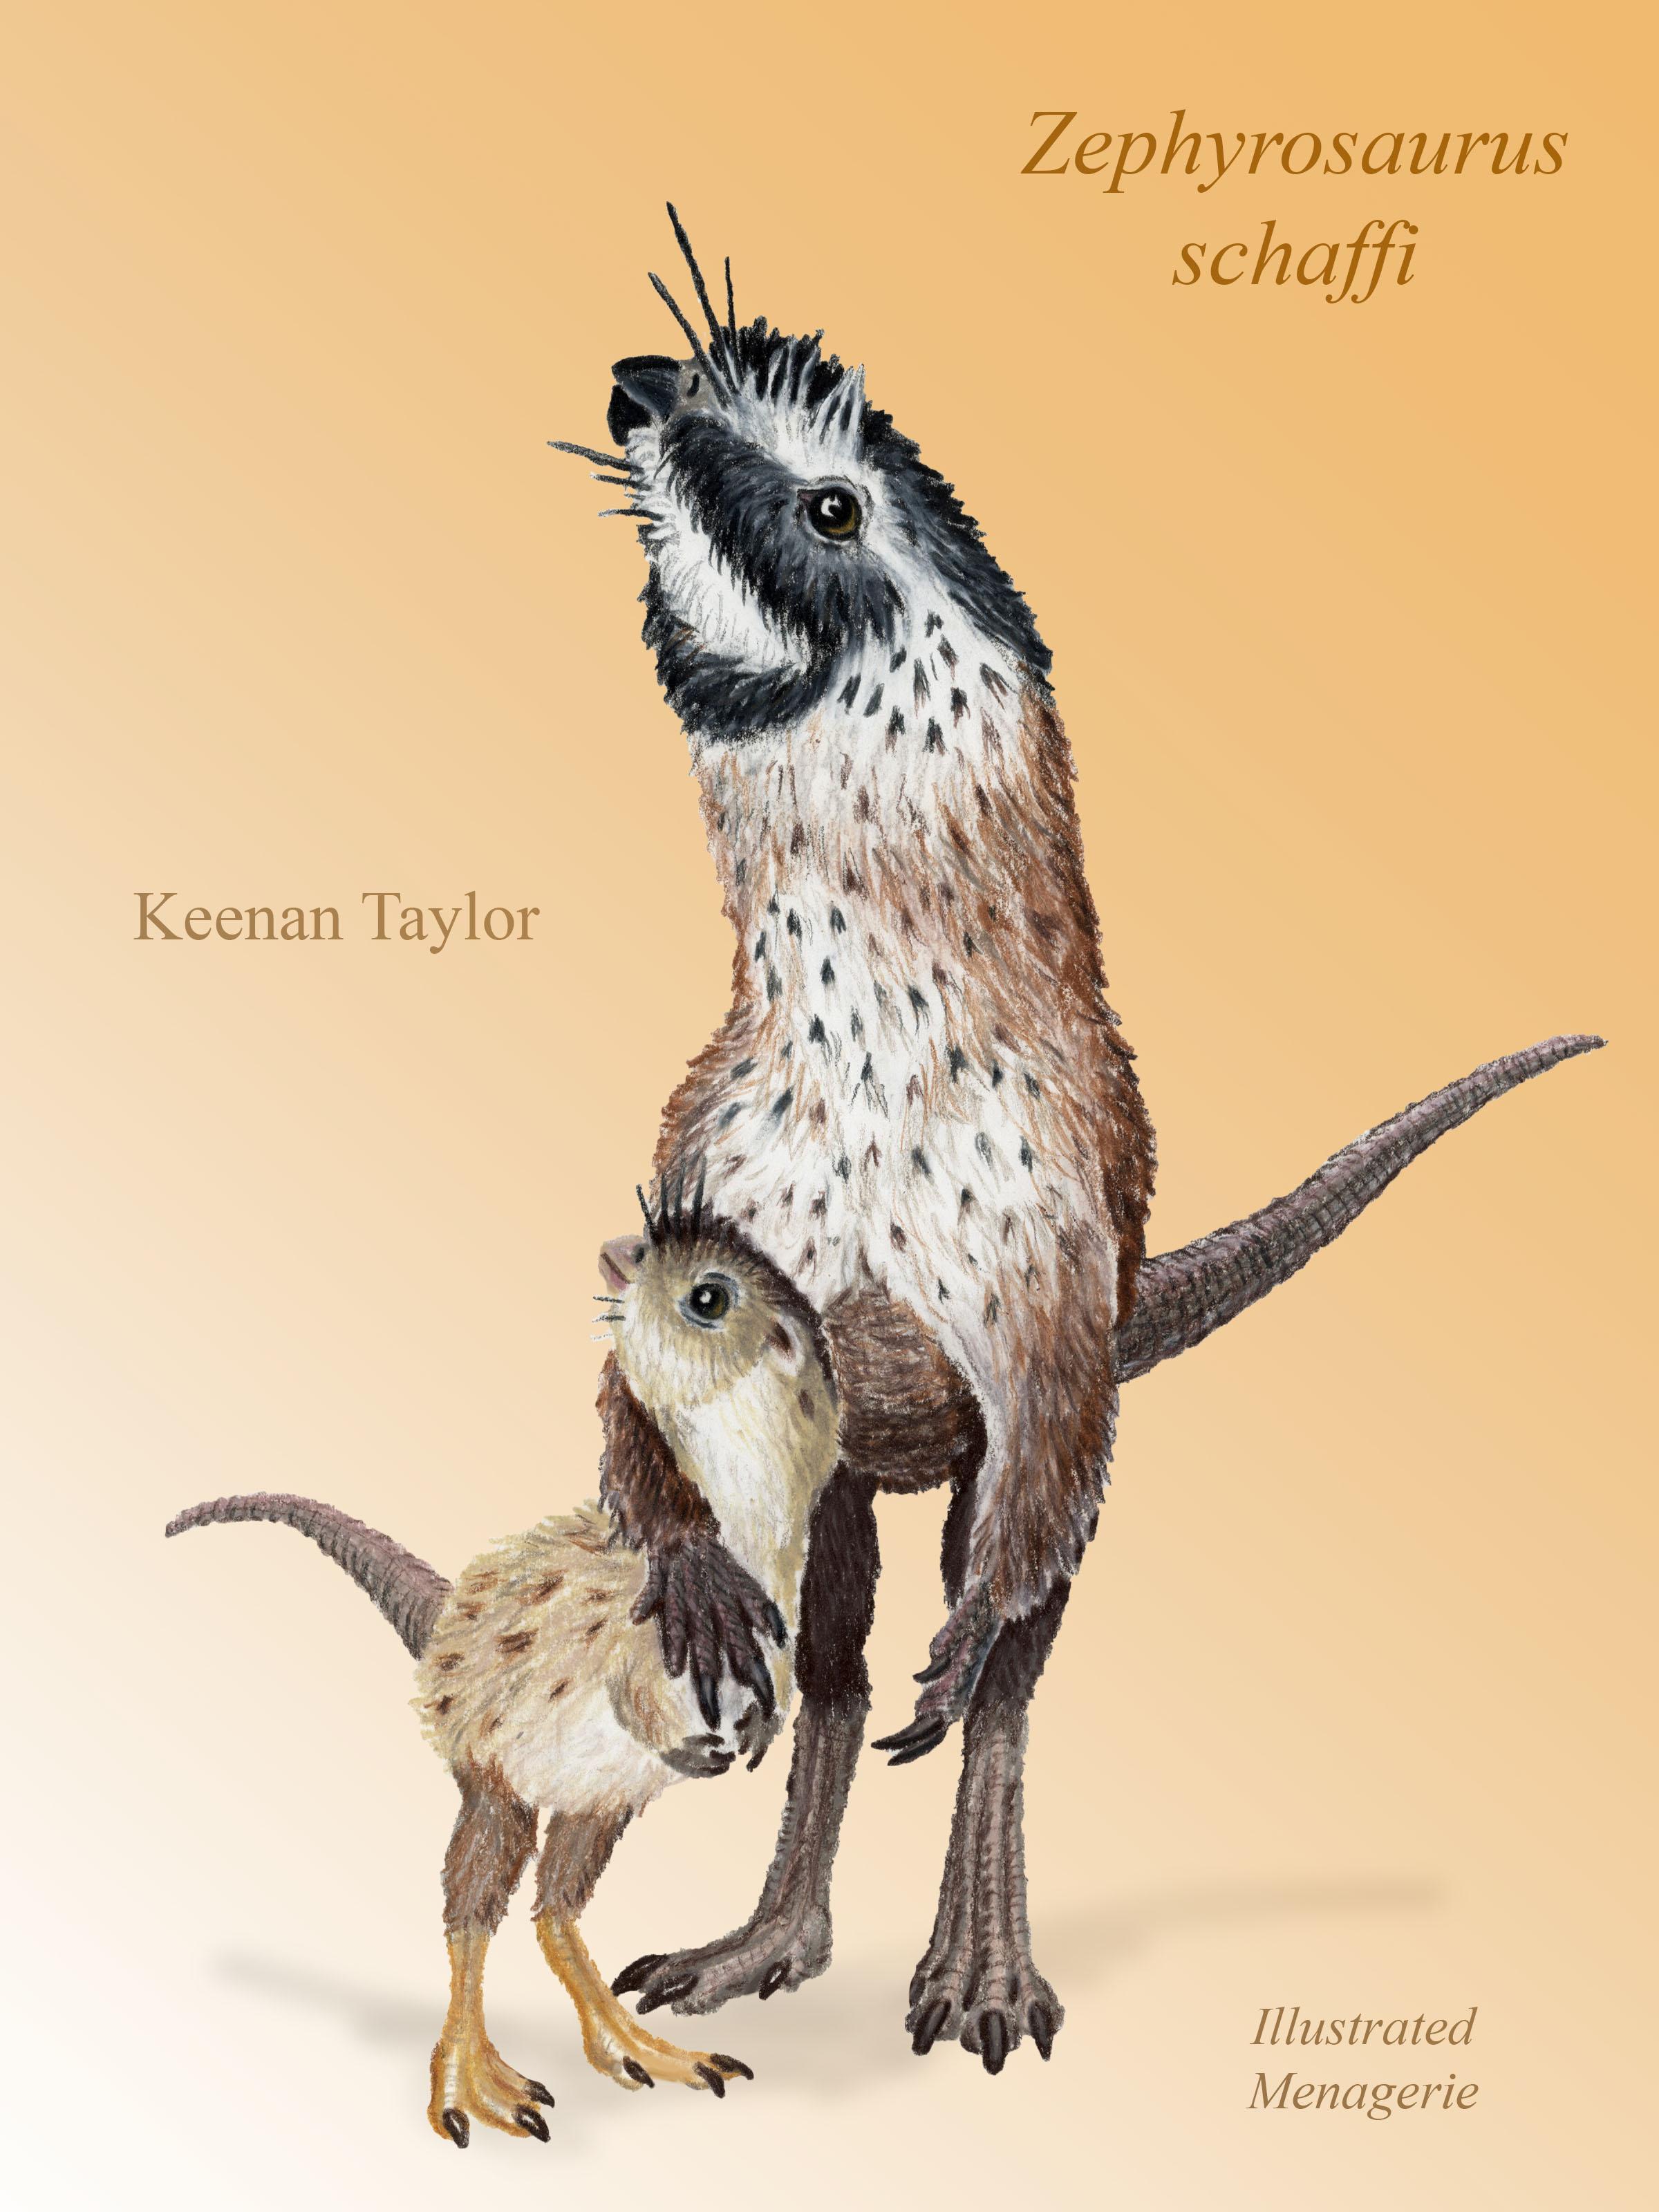 Zephyrosaurus schaffi